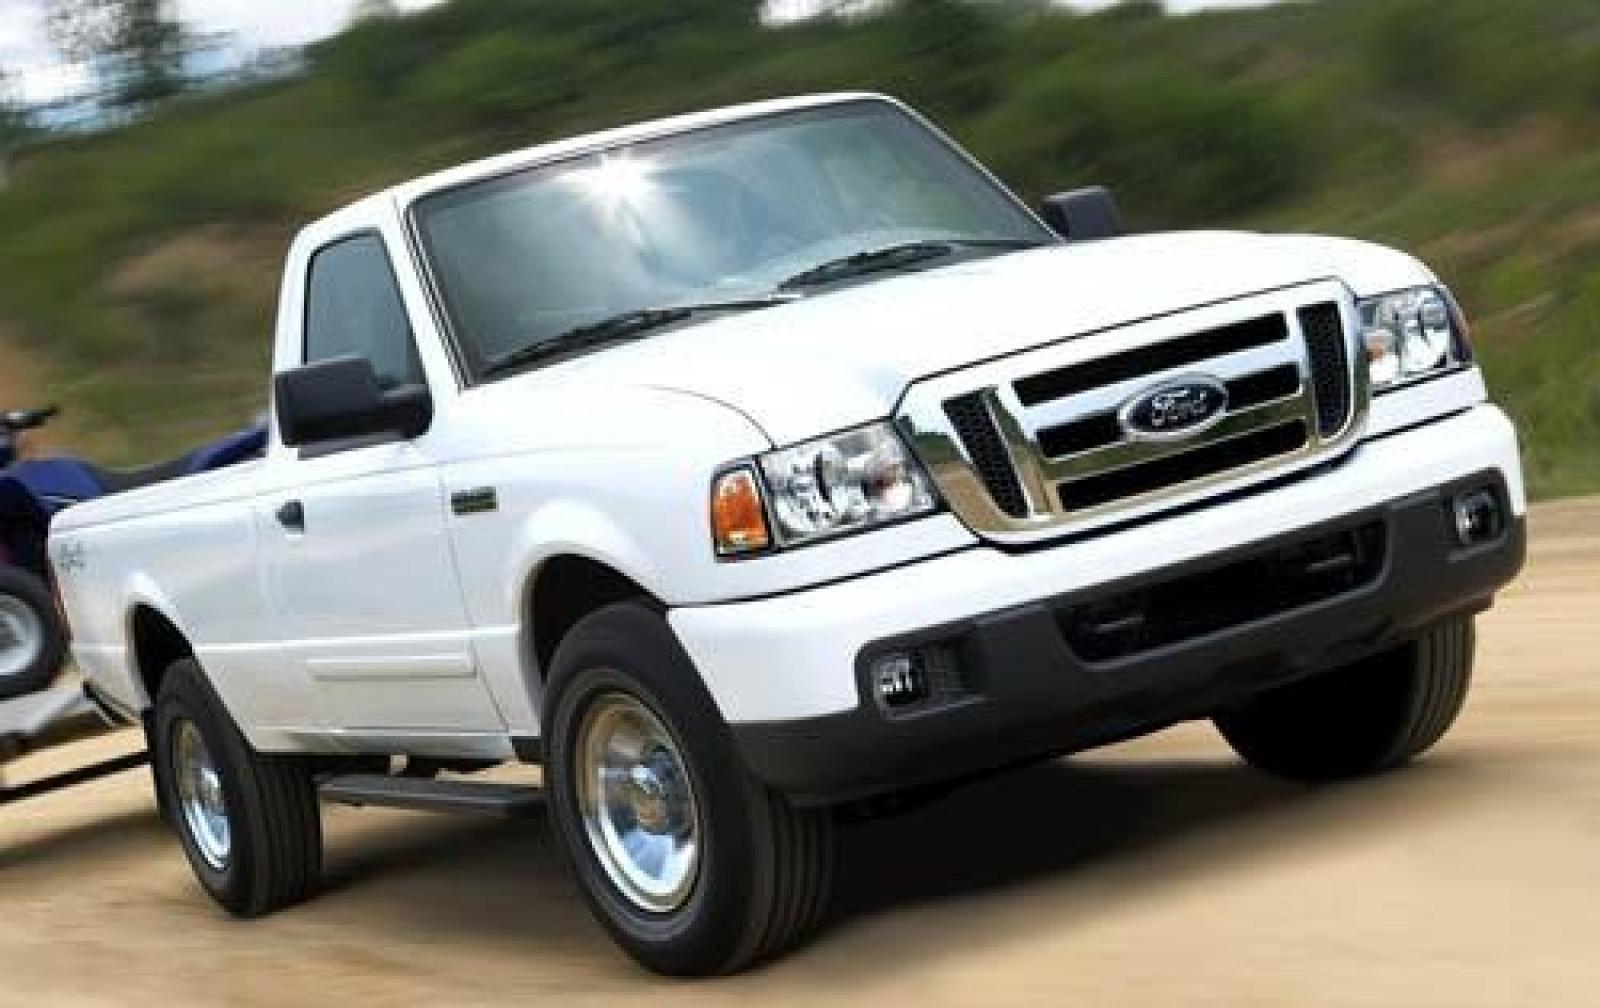 800 1024 1280 1600 origin 2011 ford ranger